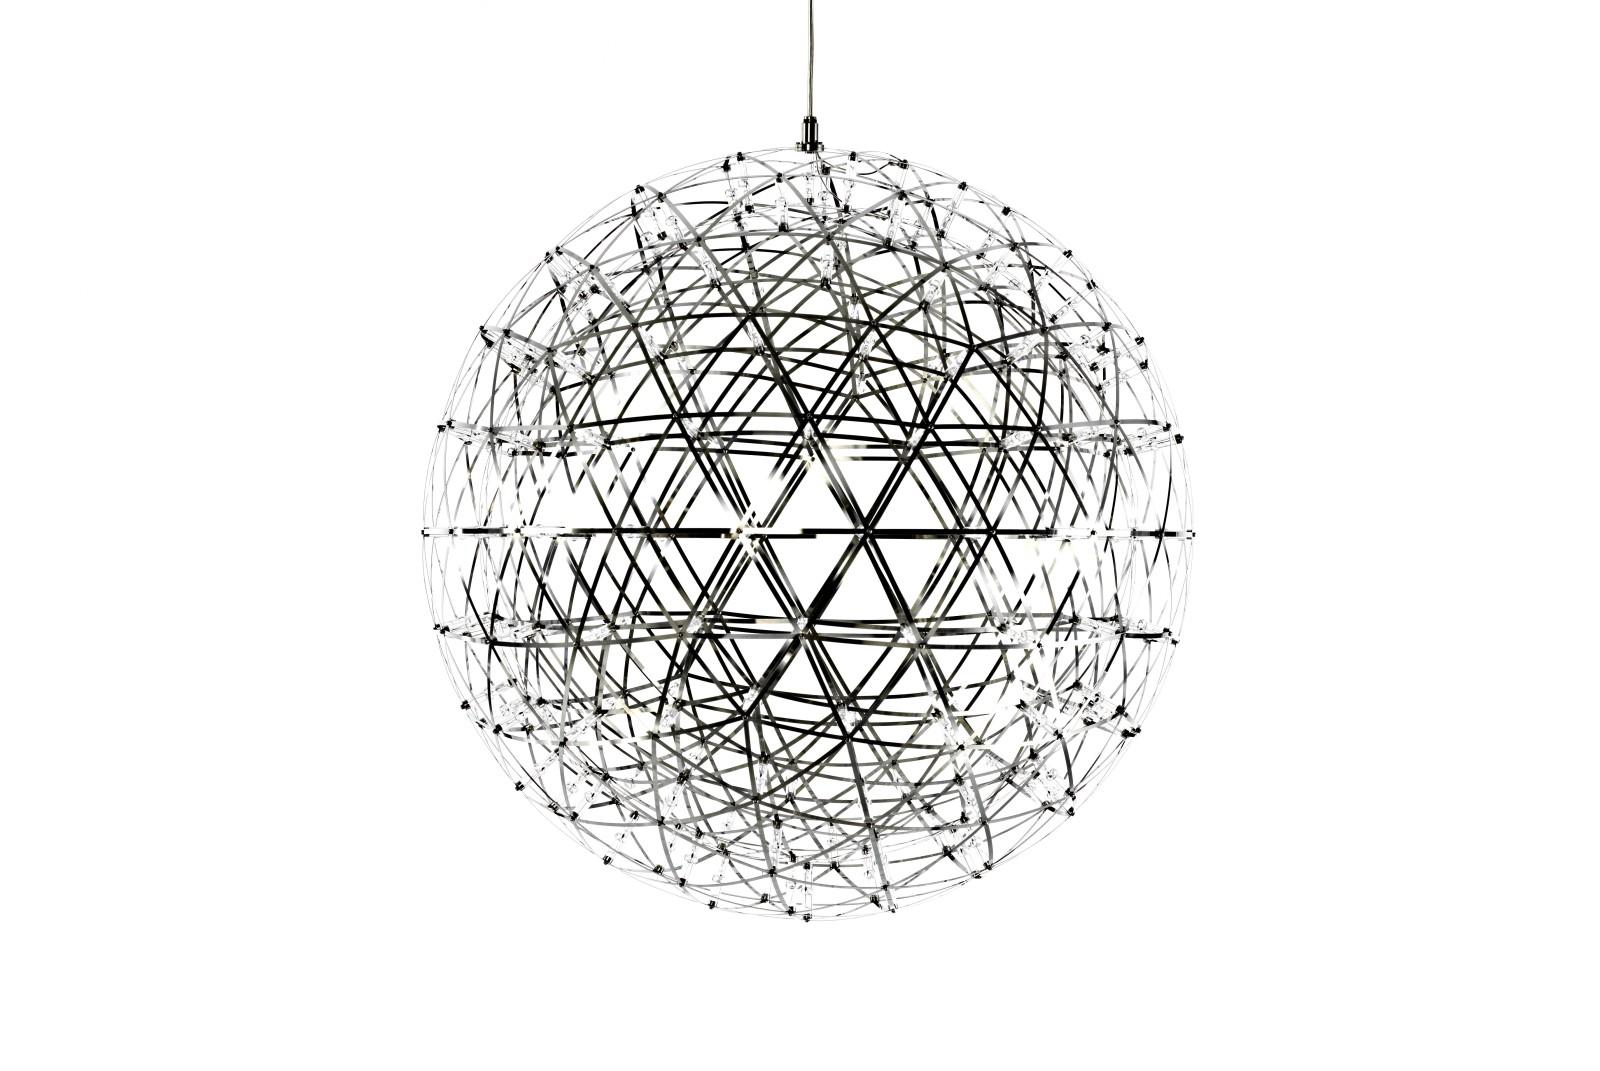 Raimond Pendant Light - Round 61cm Diameter, 400cm Cable Length, Dimmable